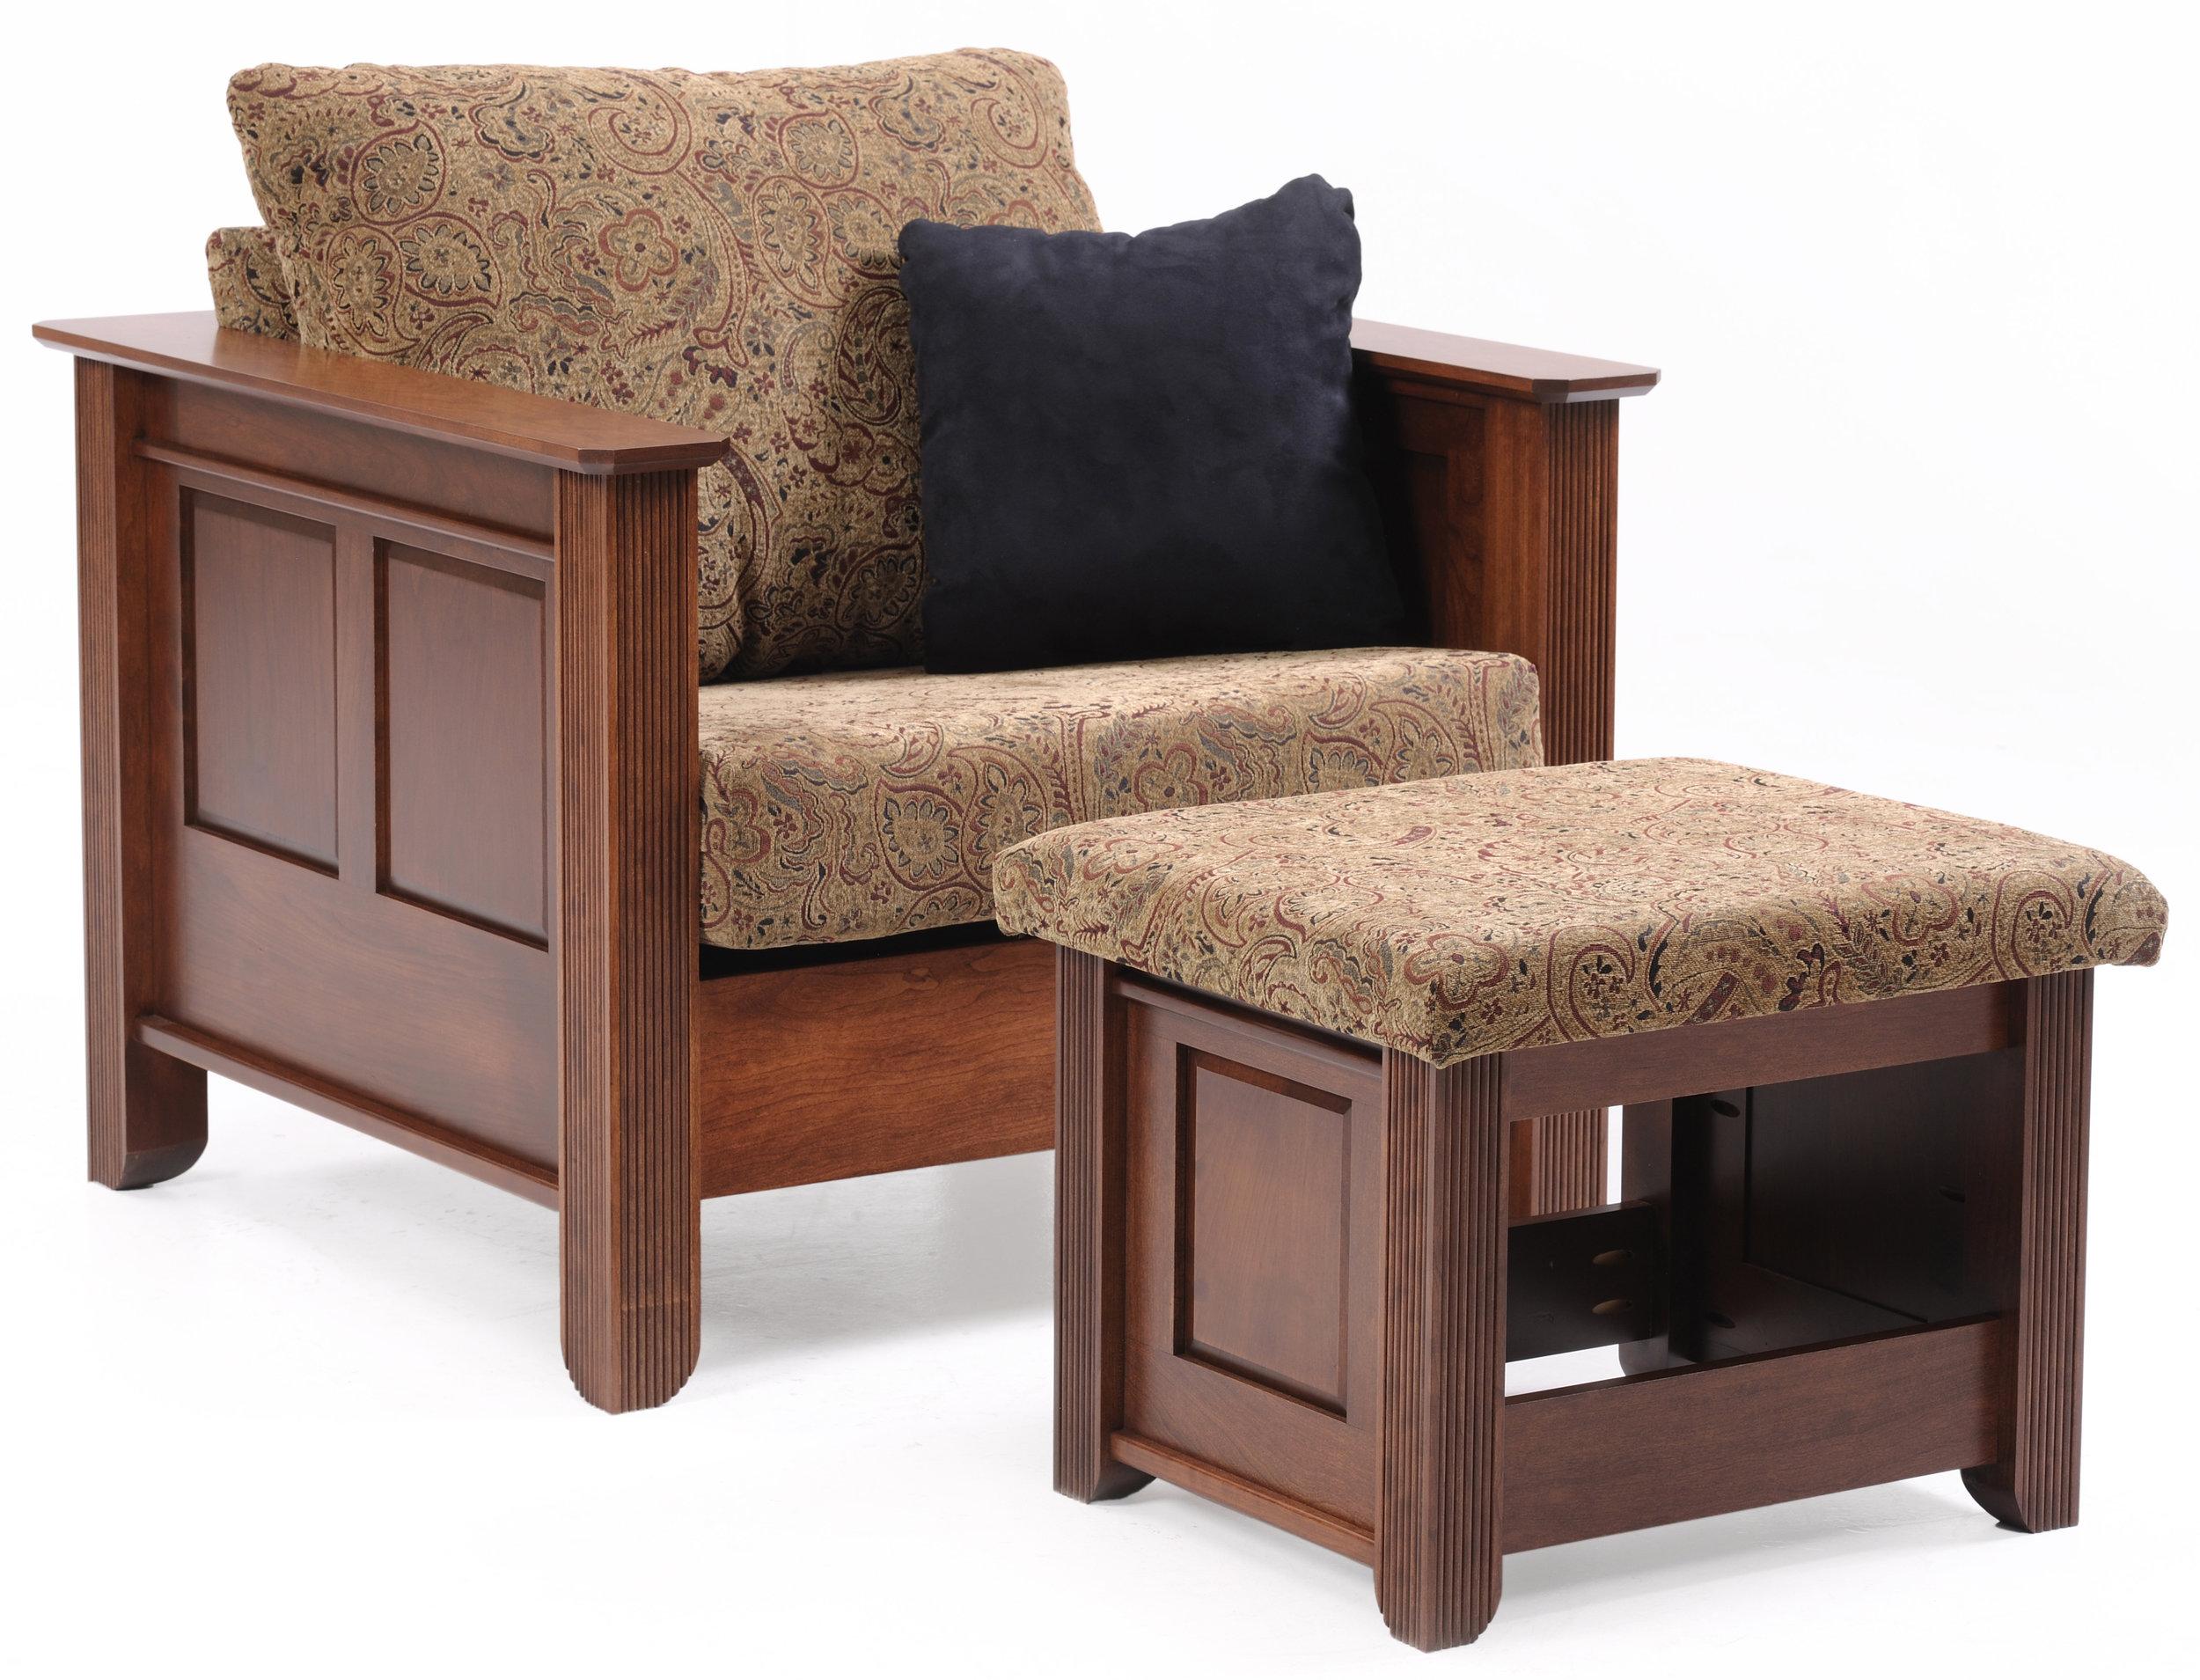 arlington chair and ottamon